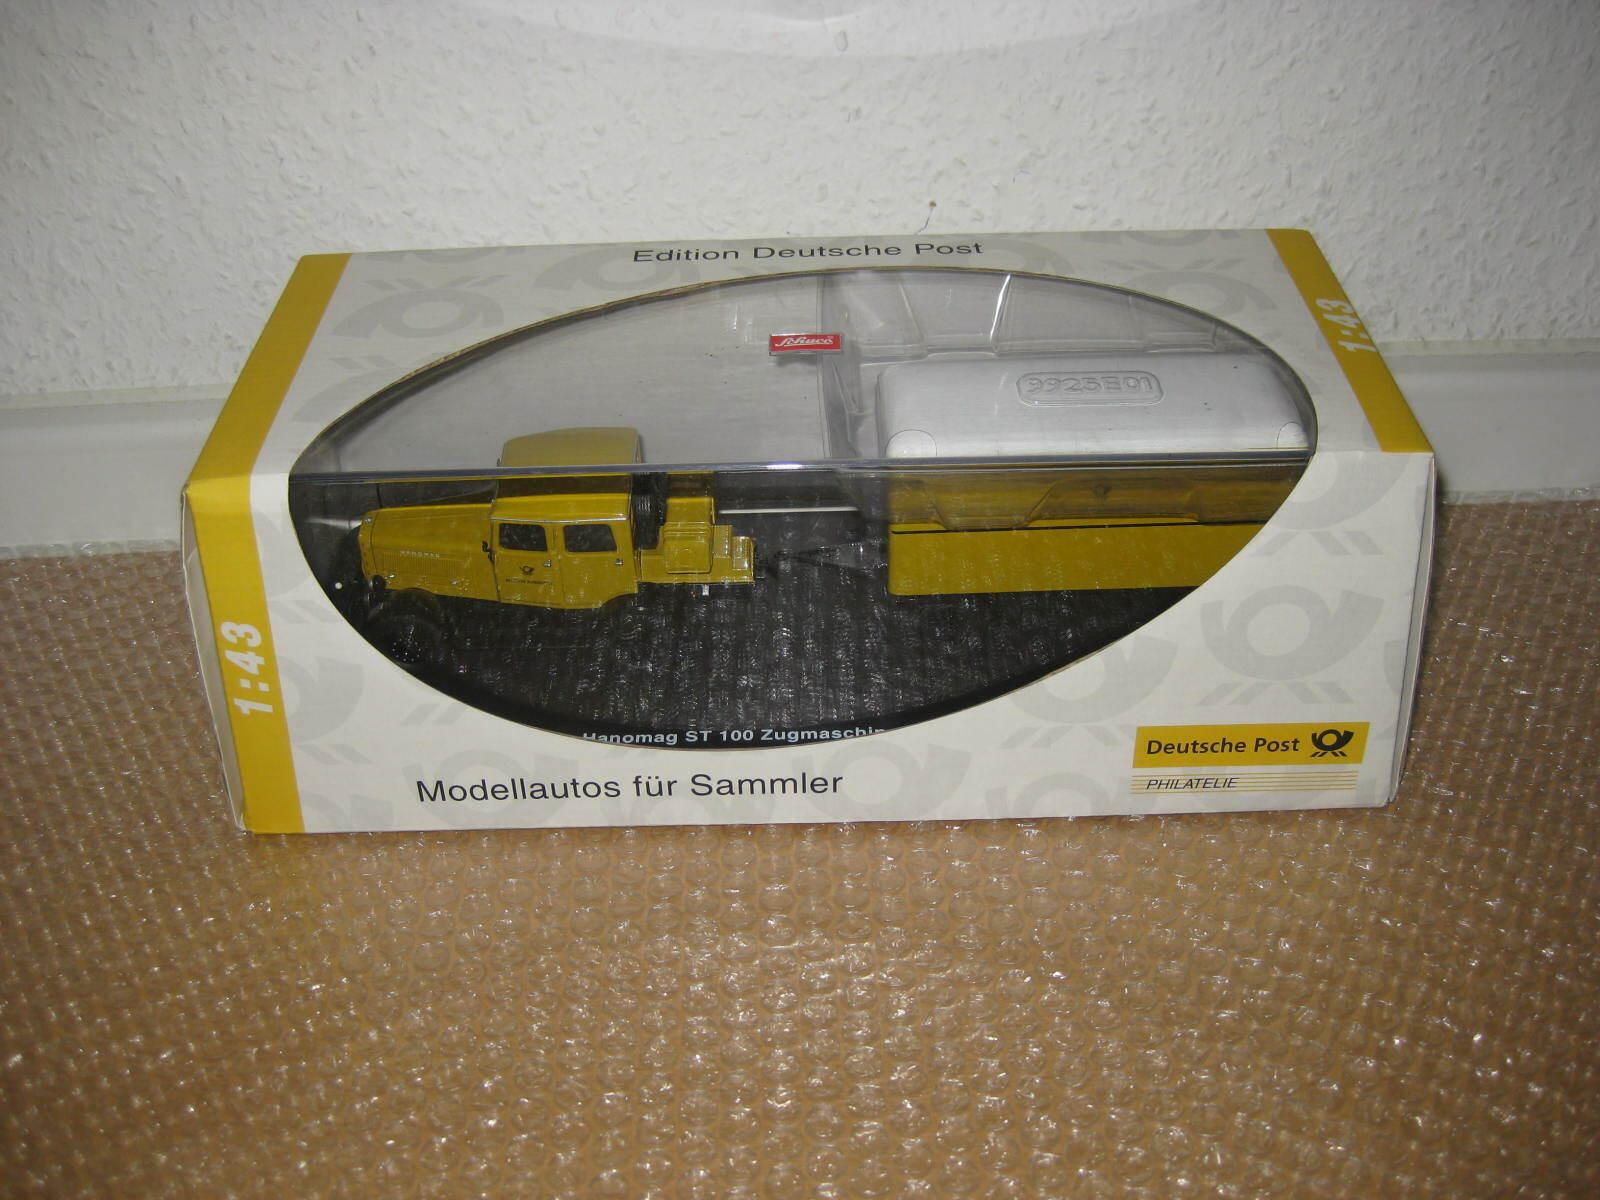 Schuco 1 43 Edition Deutsche Post Hanomag ST100 mit Anhänger in OVP Neu  S275